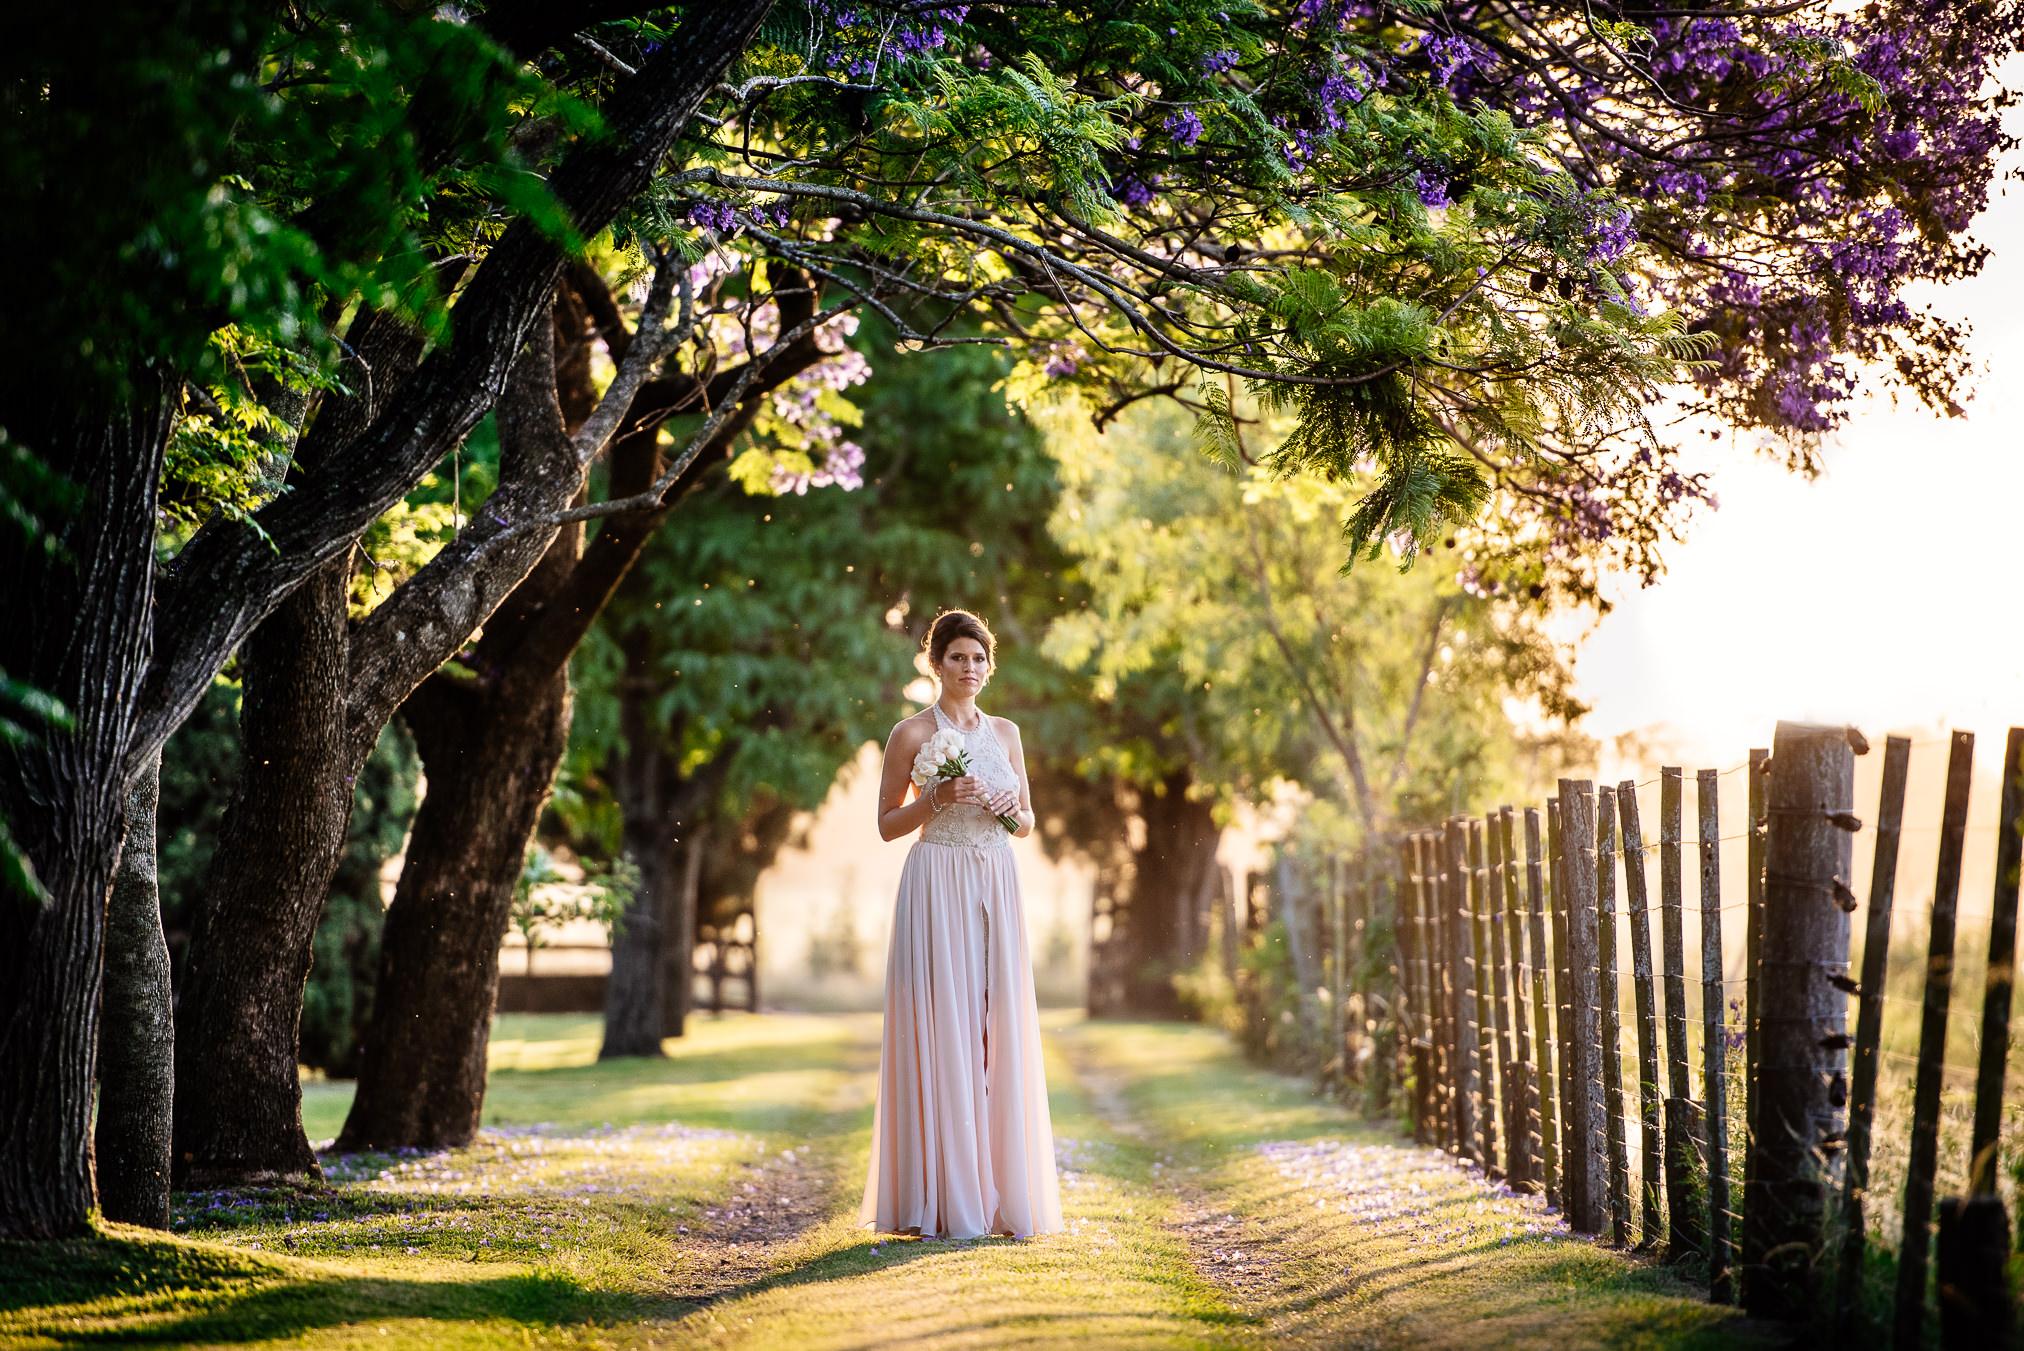 boda-rosario-arroyo-seco-argentina-casamiento-fotografo-wedding-14.jpg